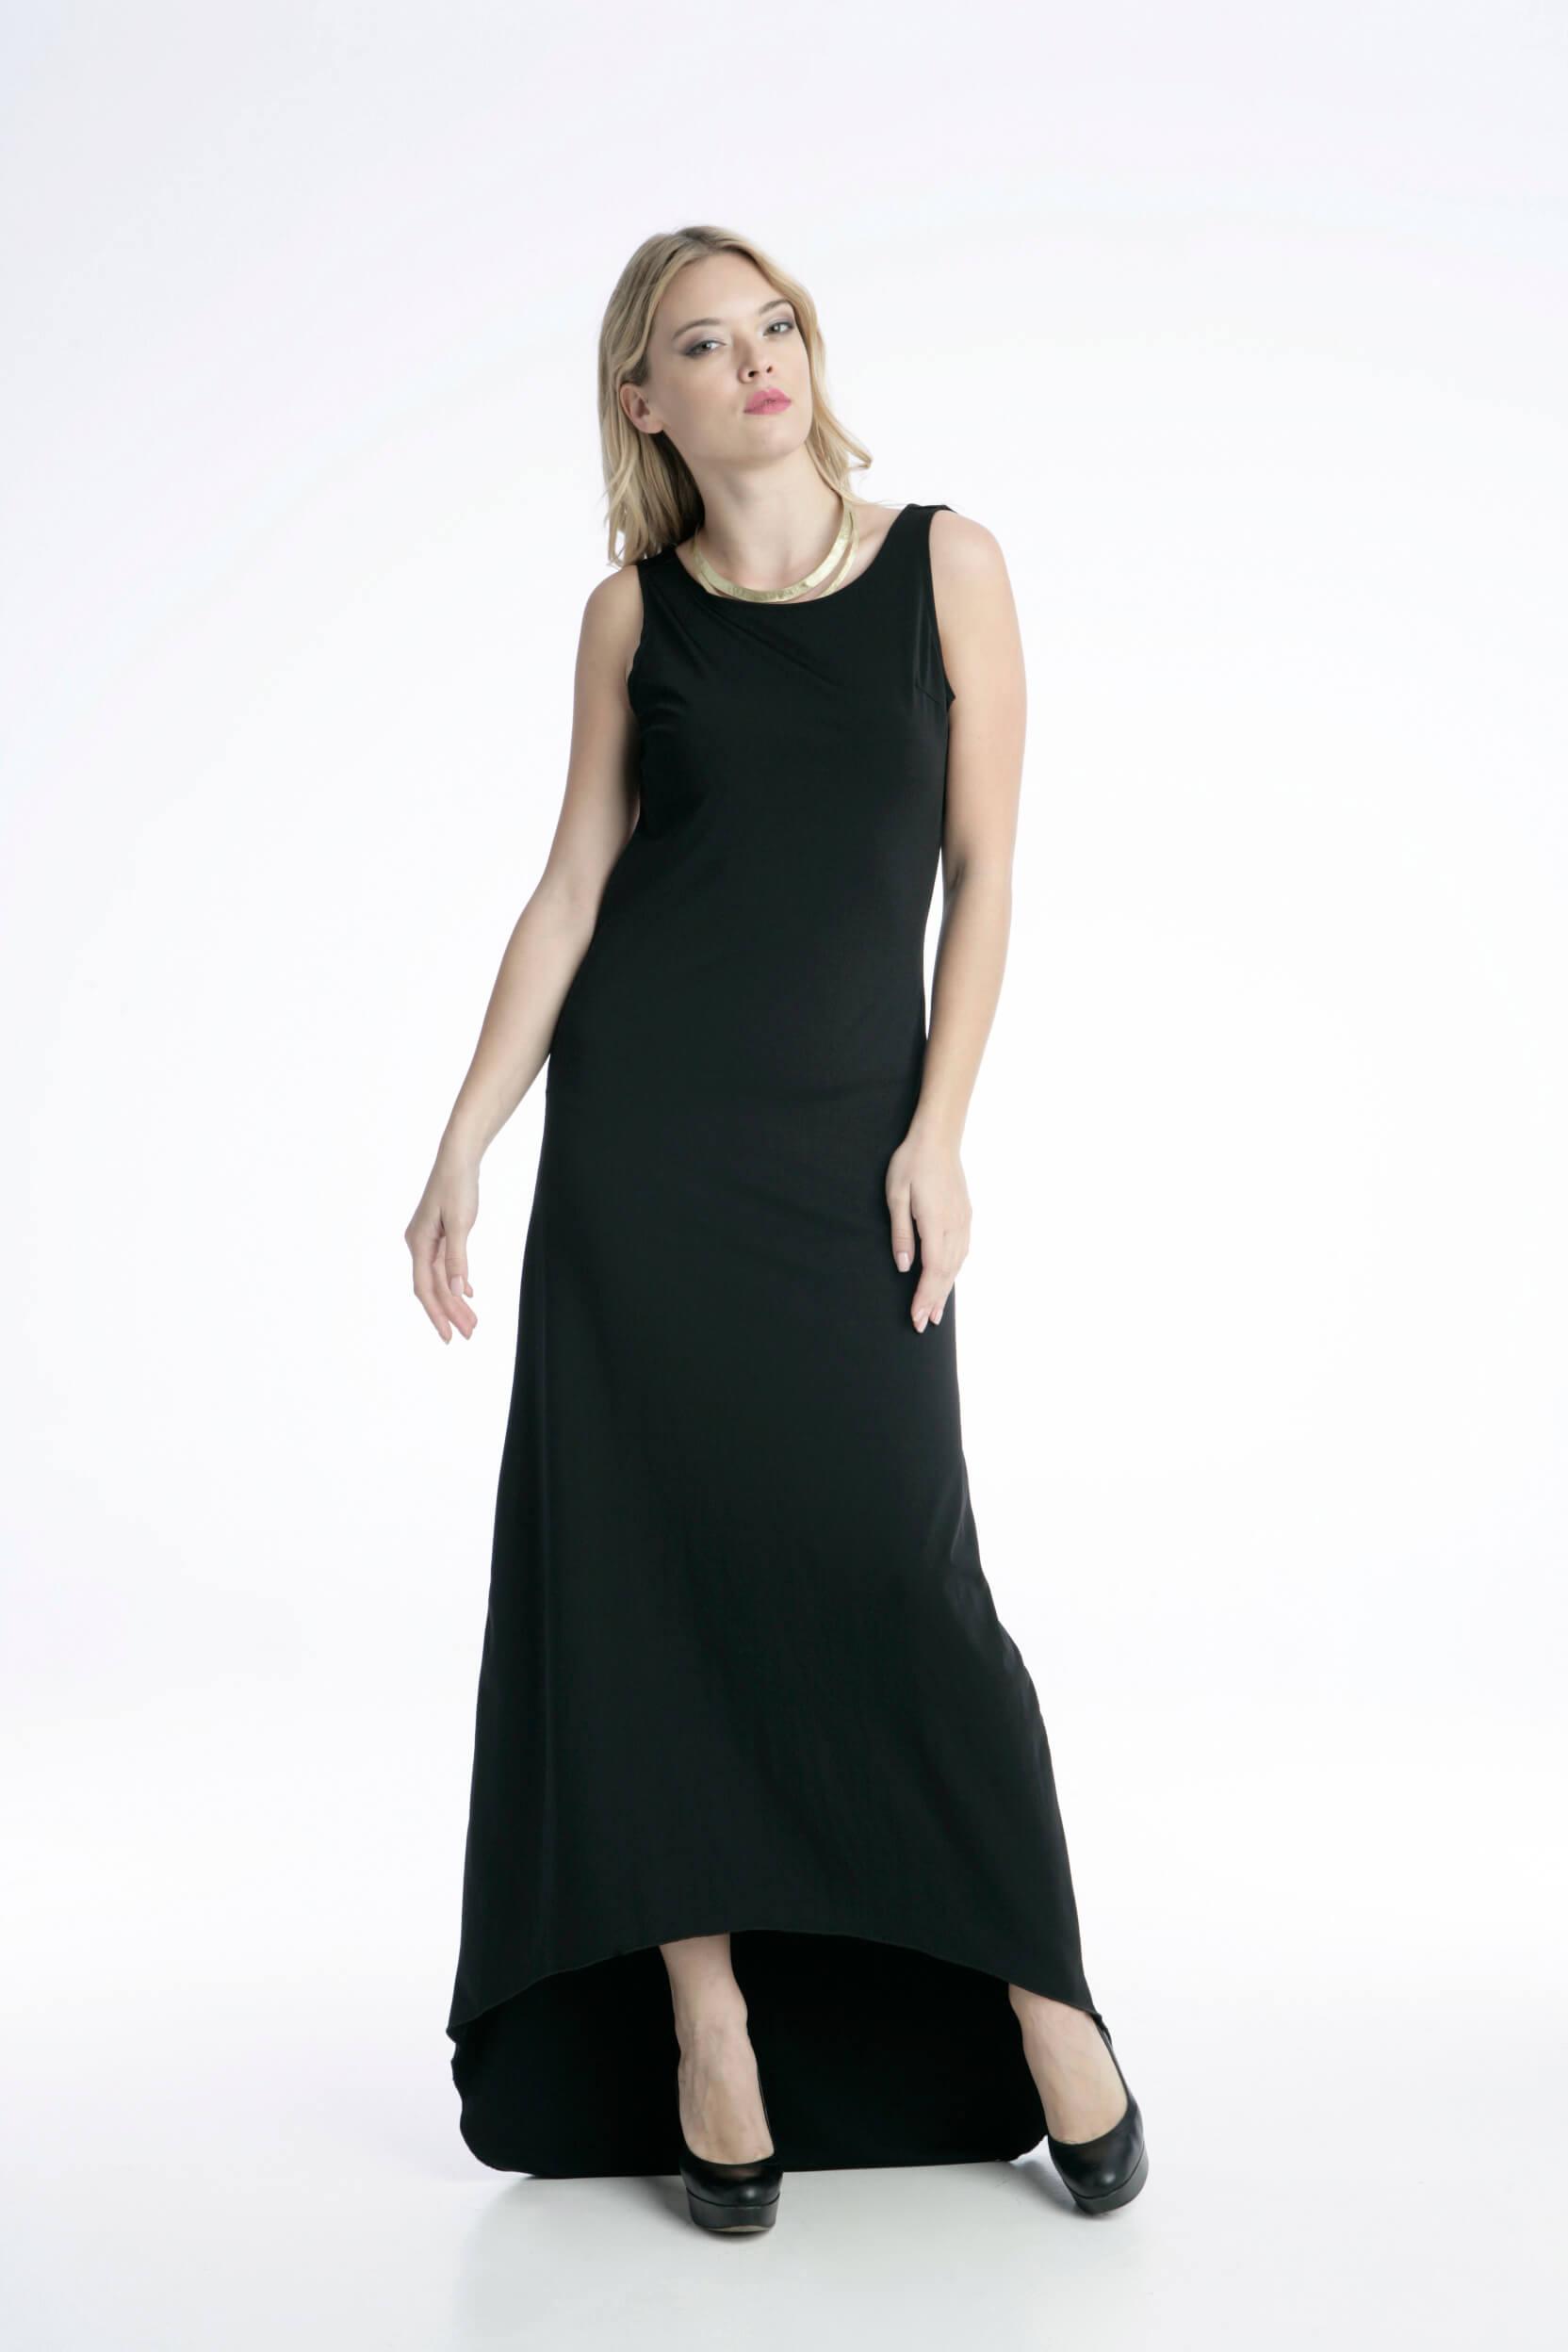 30f82a342877 Γυναικείο Maxi Φόρεμα Βραδινό Εξώπλατο - Prestige Fashion